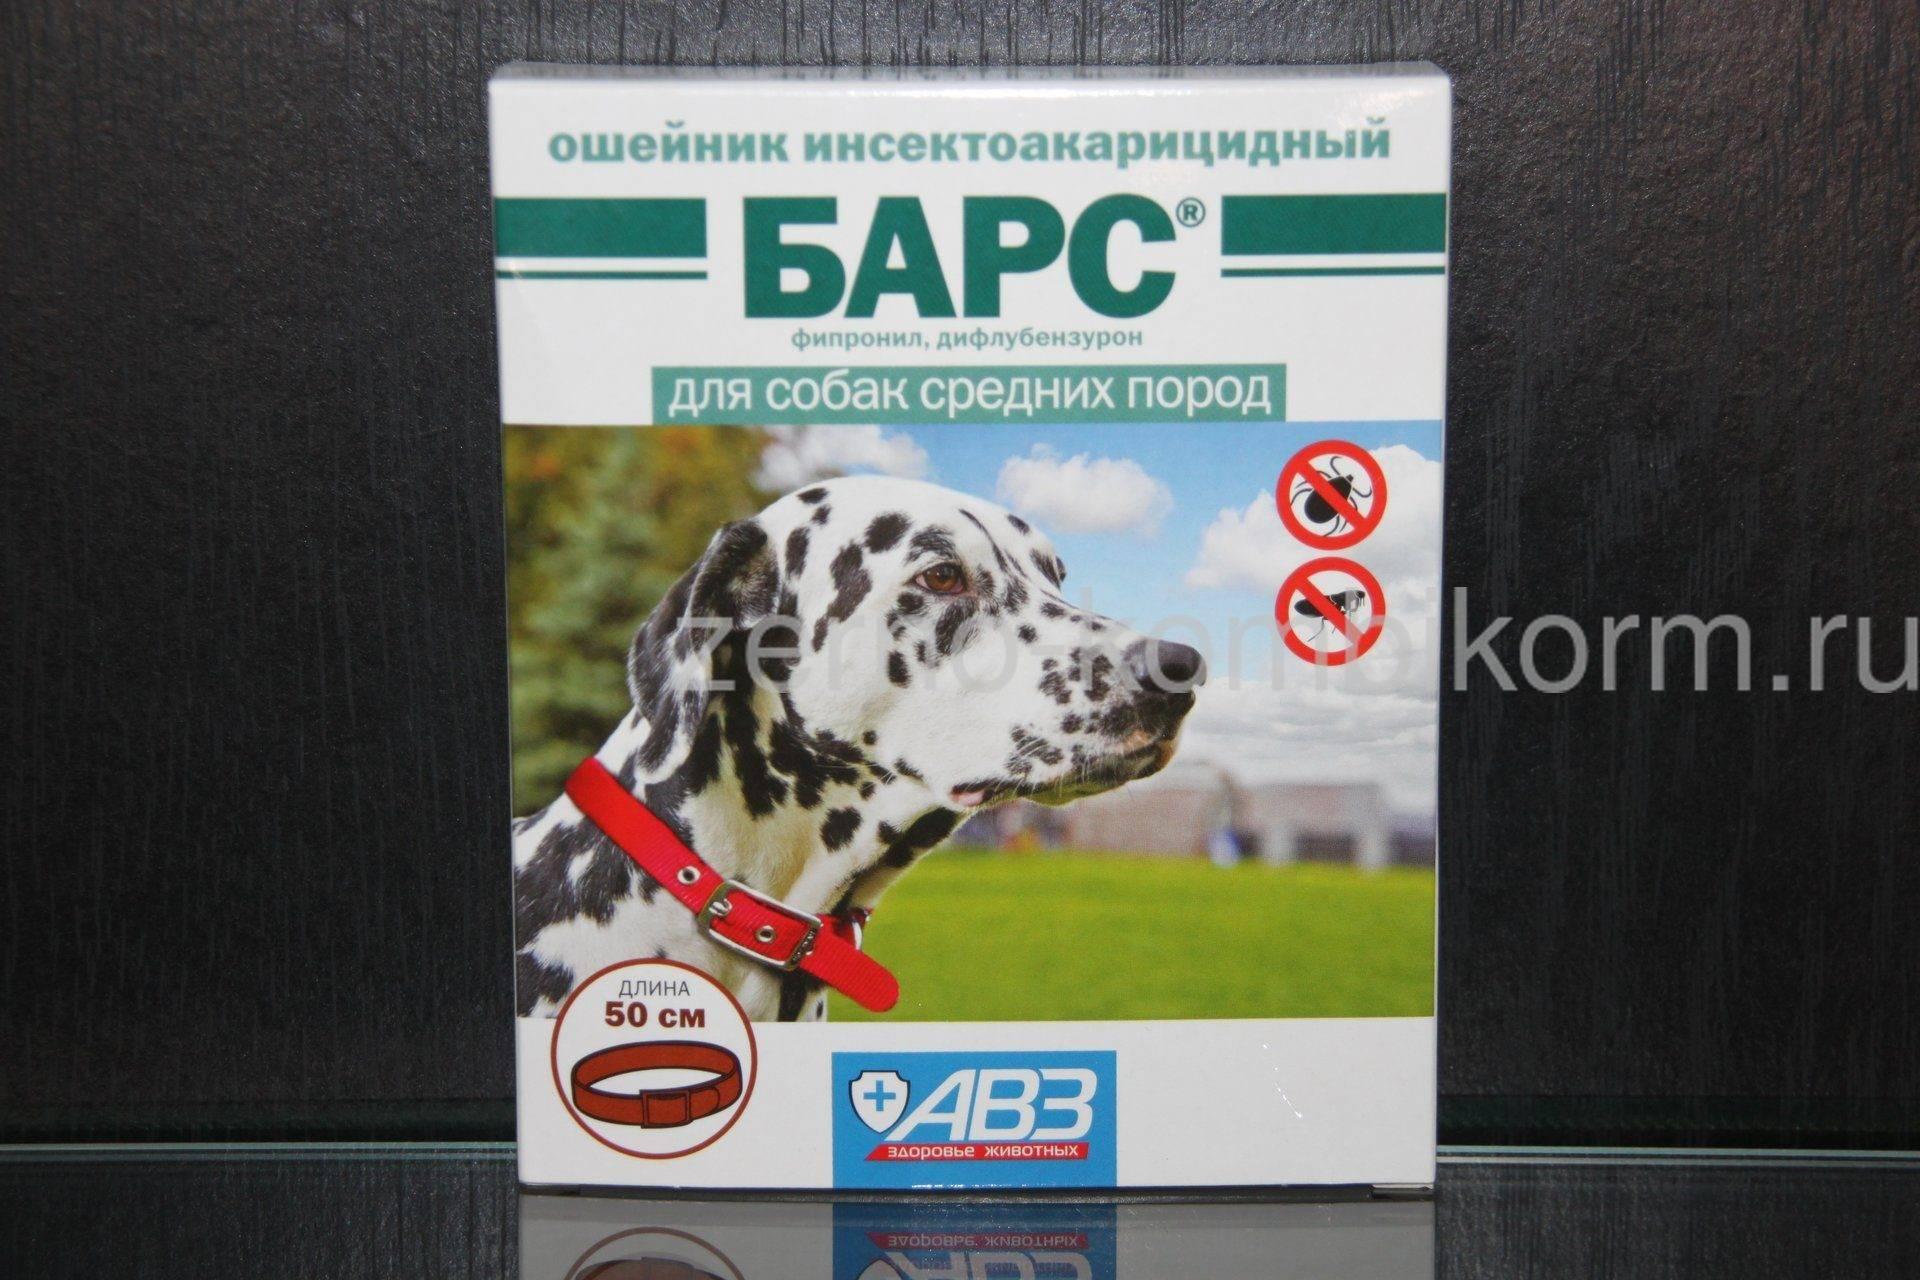 Ошейник от клещей для собак барс - отзывы и инструкции к применению